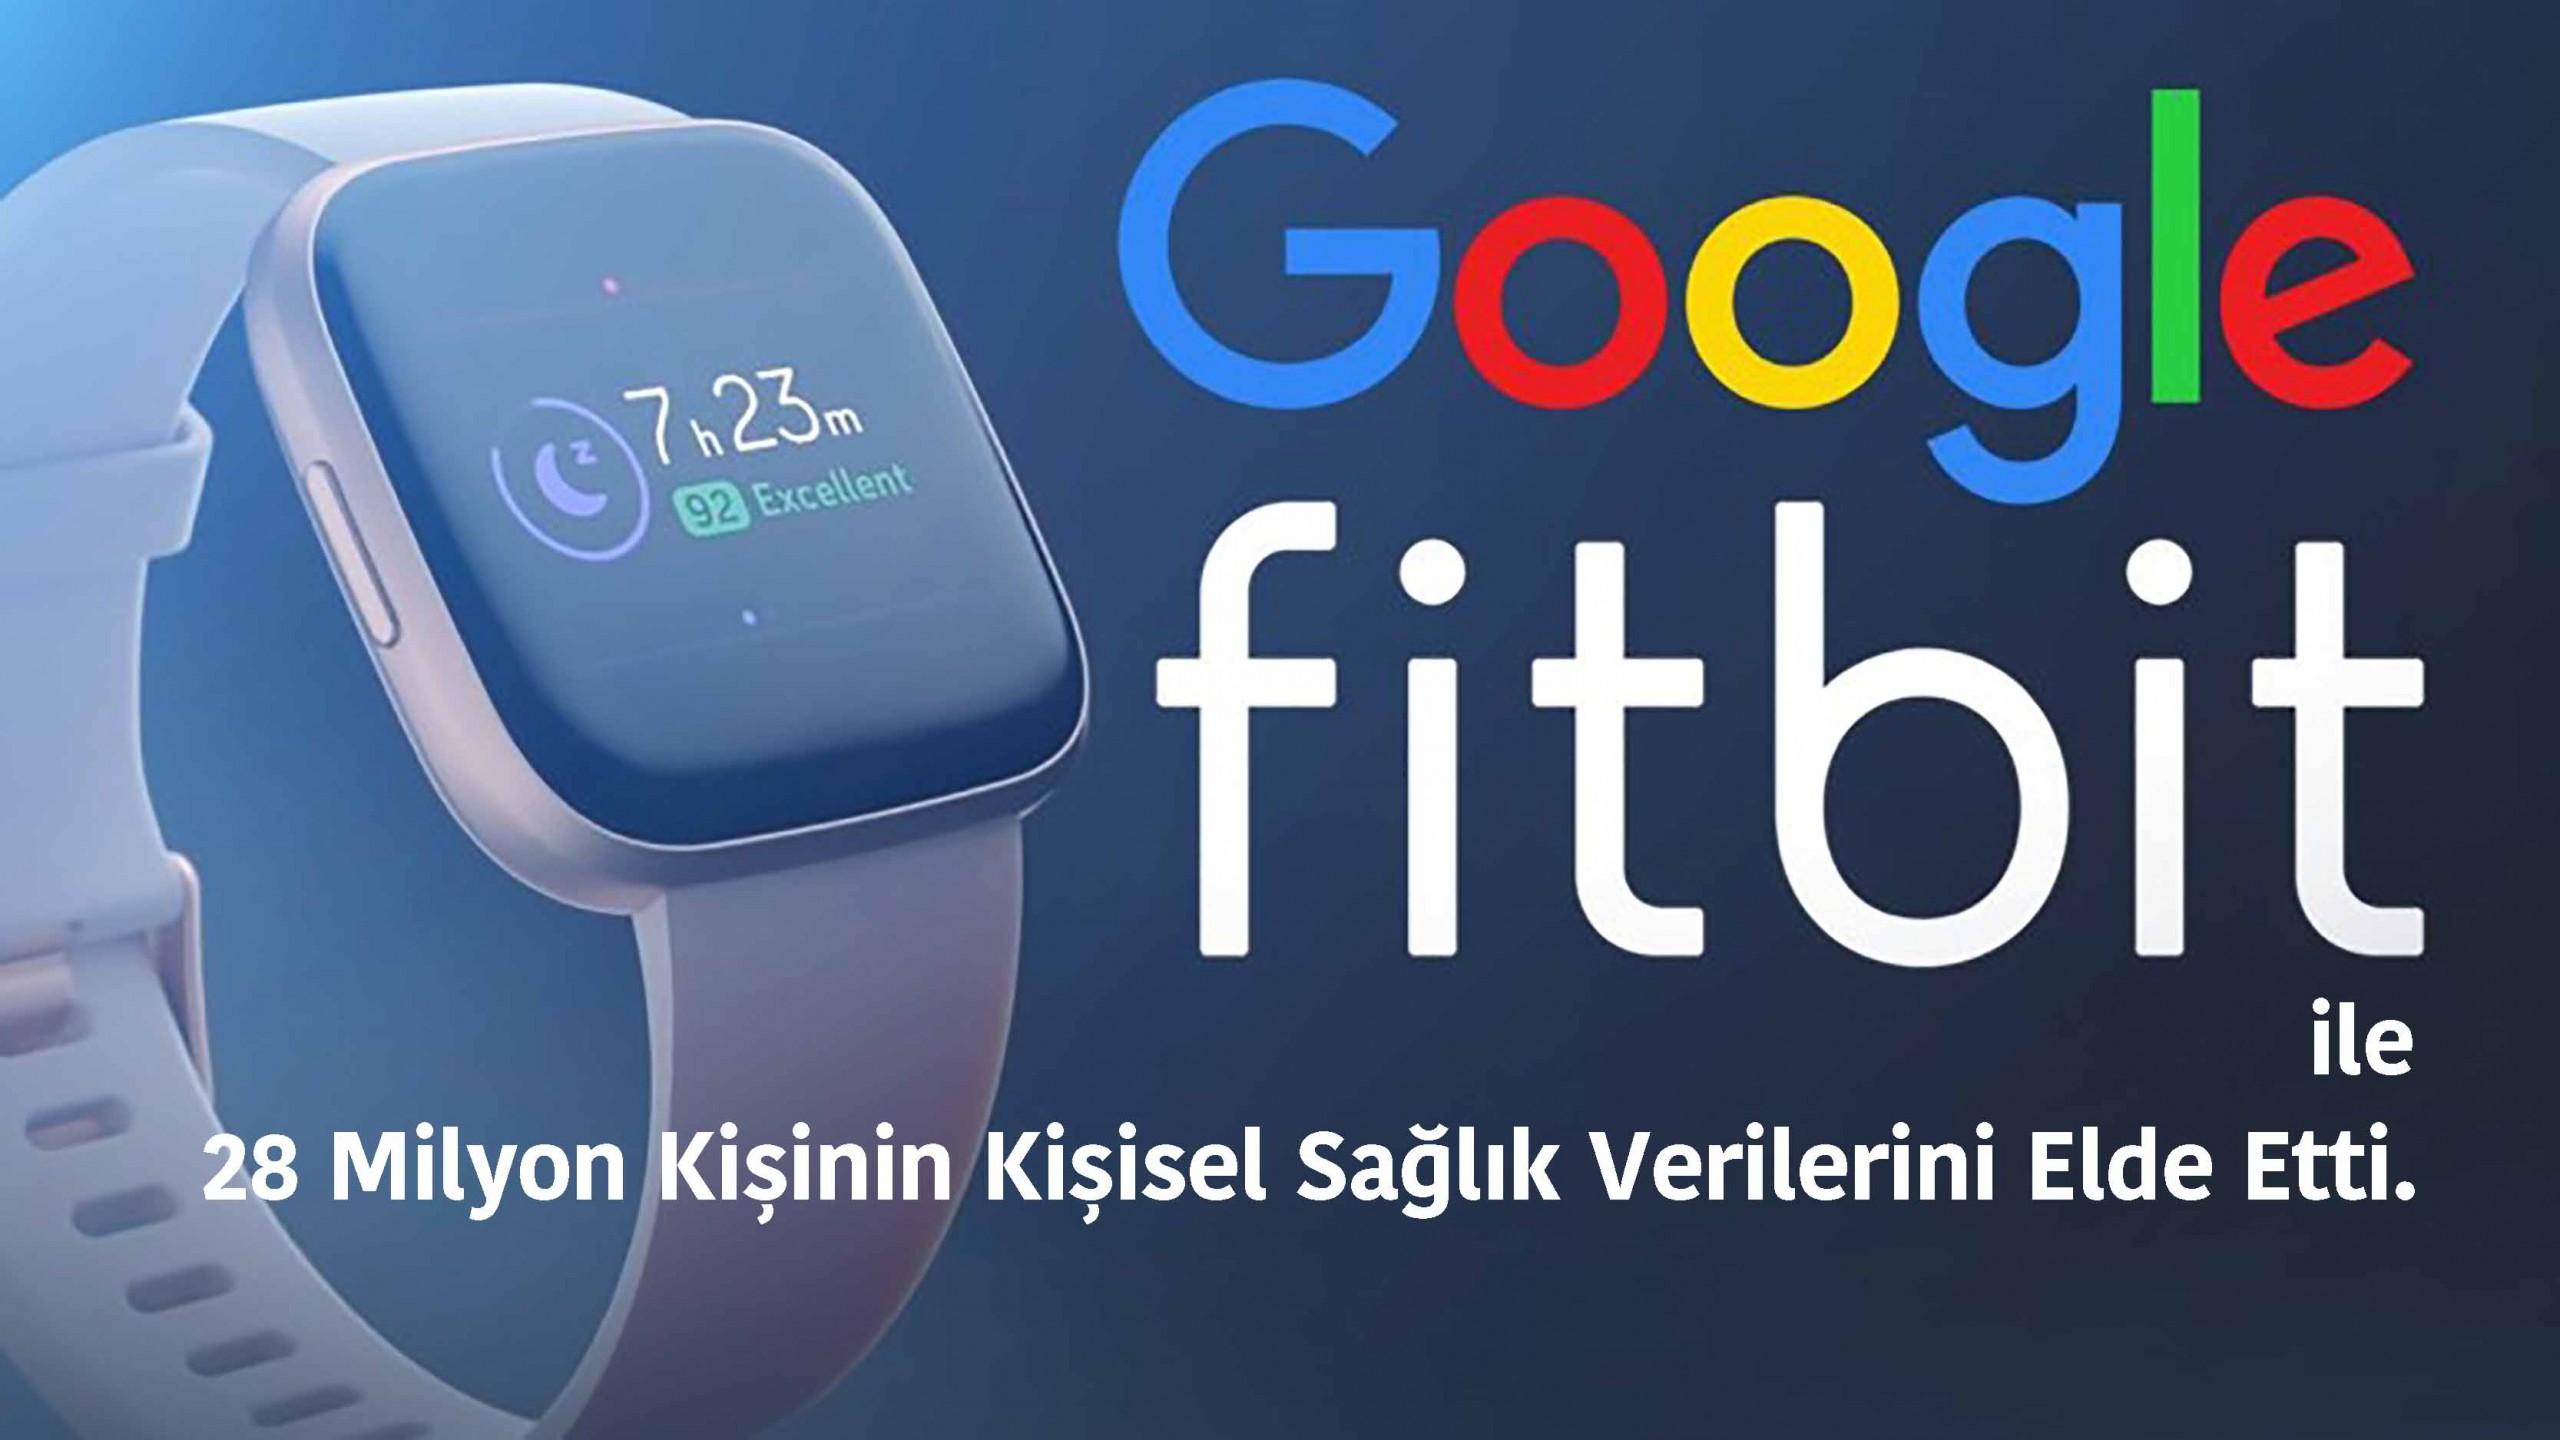 Google Fitbit'i Kişisel Sağlık Verileri İçin mi Satın Aldı